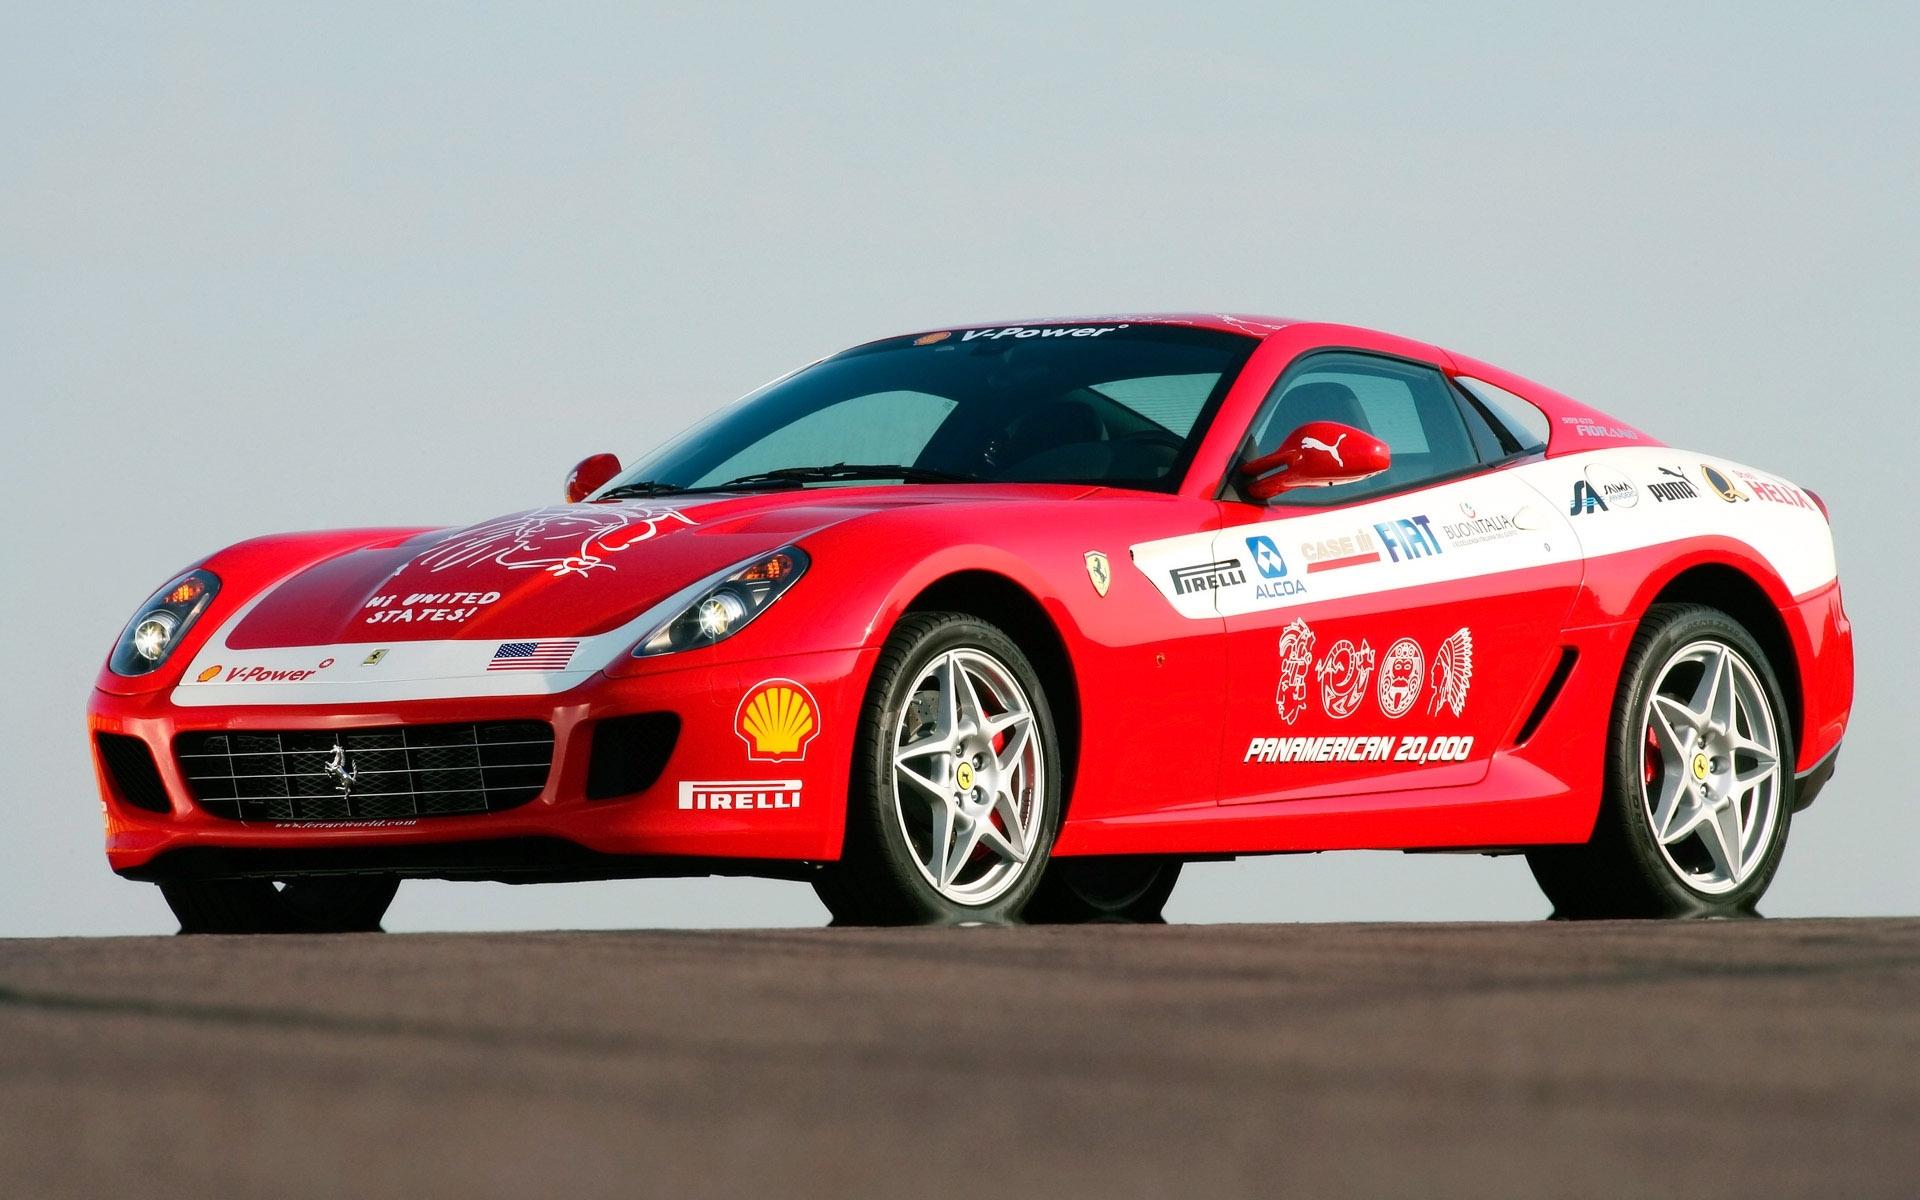 46111 скачать обои Транспорт, Машины, Феррари (Ferrari) - заставки и картинки бесплатно